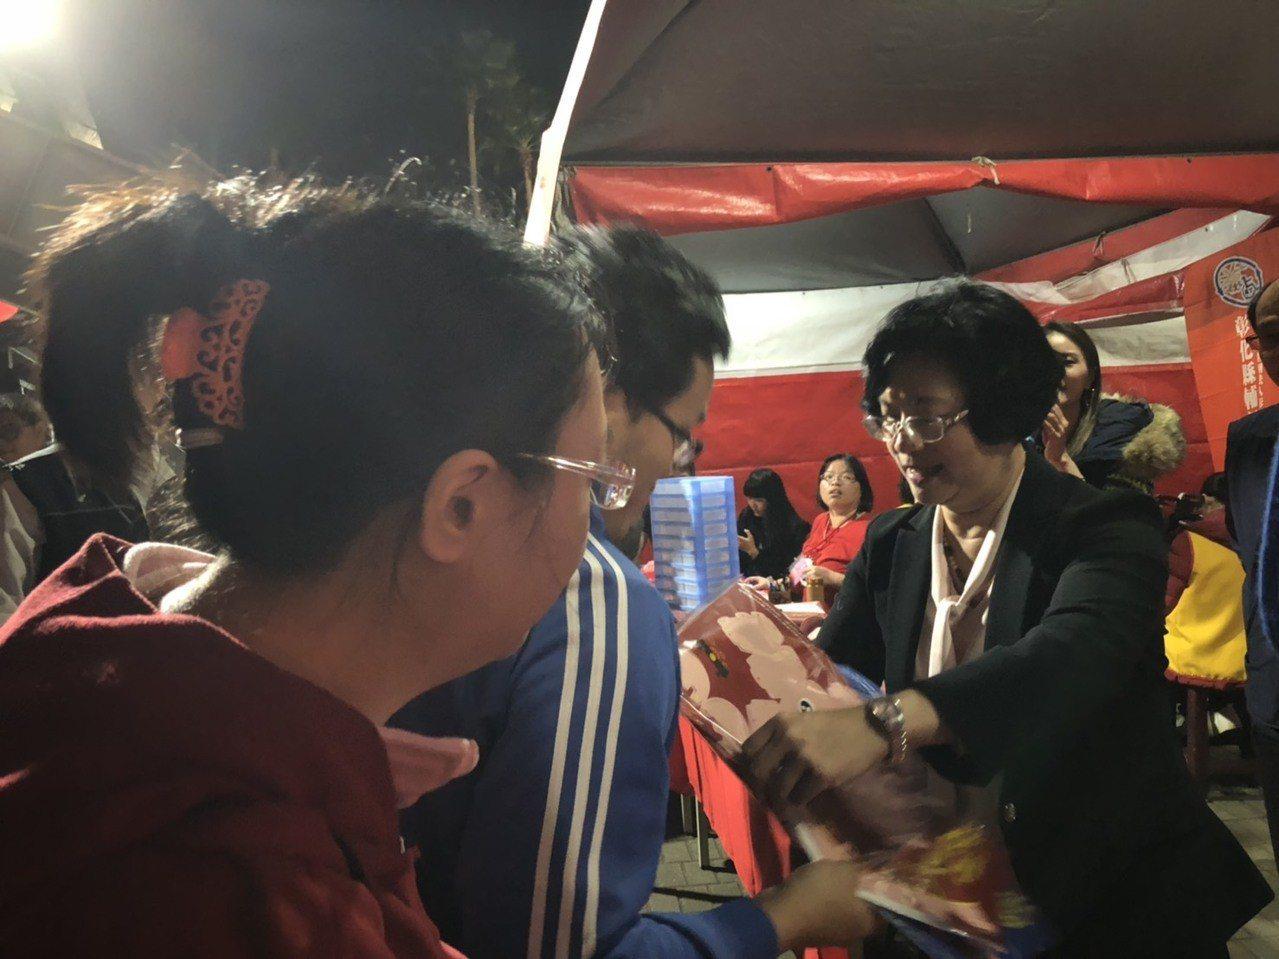 縣長王惠美(右1)今晚分送1500盞可愛的小豬提燈,民眾秒殺。 記者何烱榮/攝影